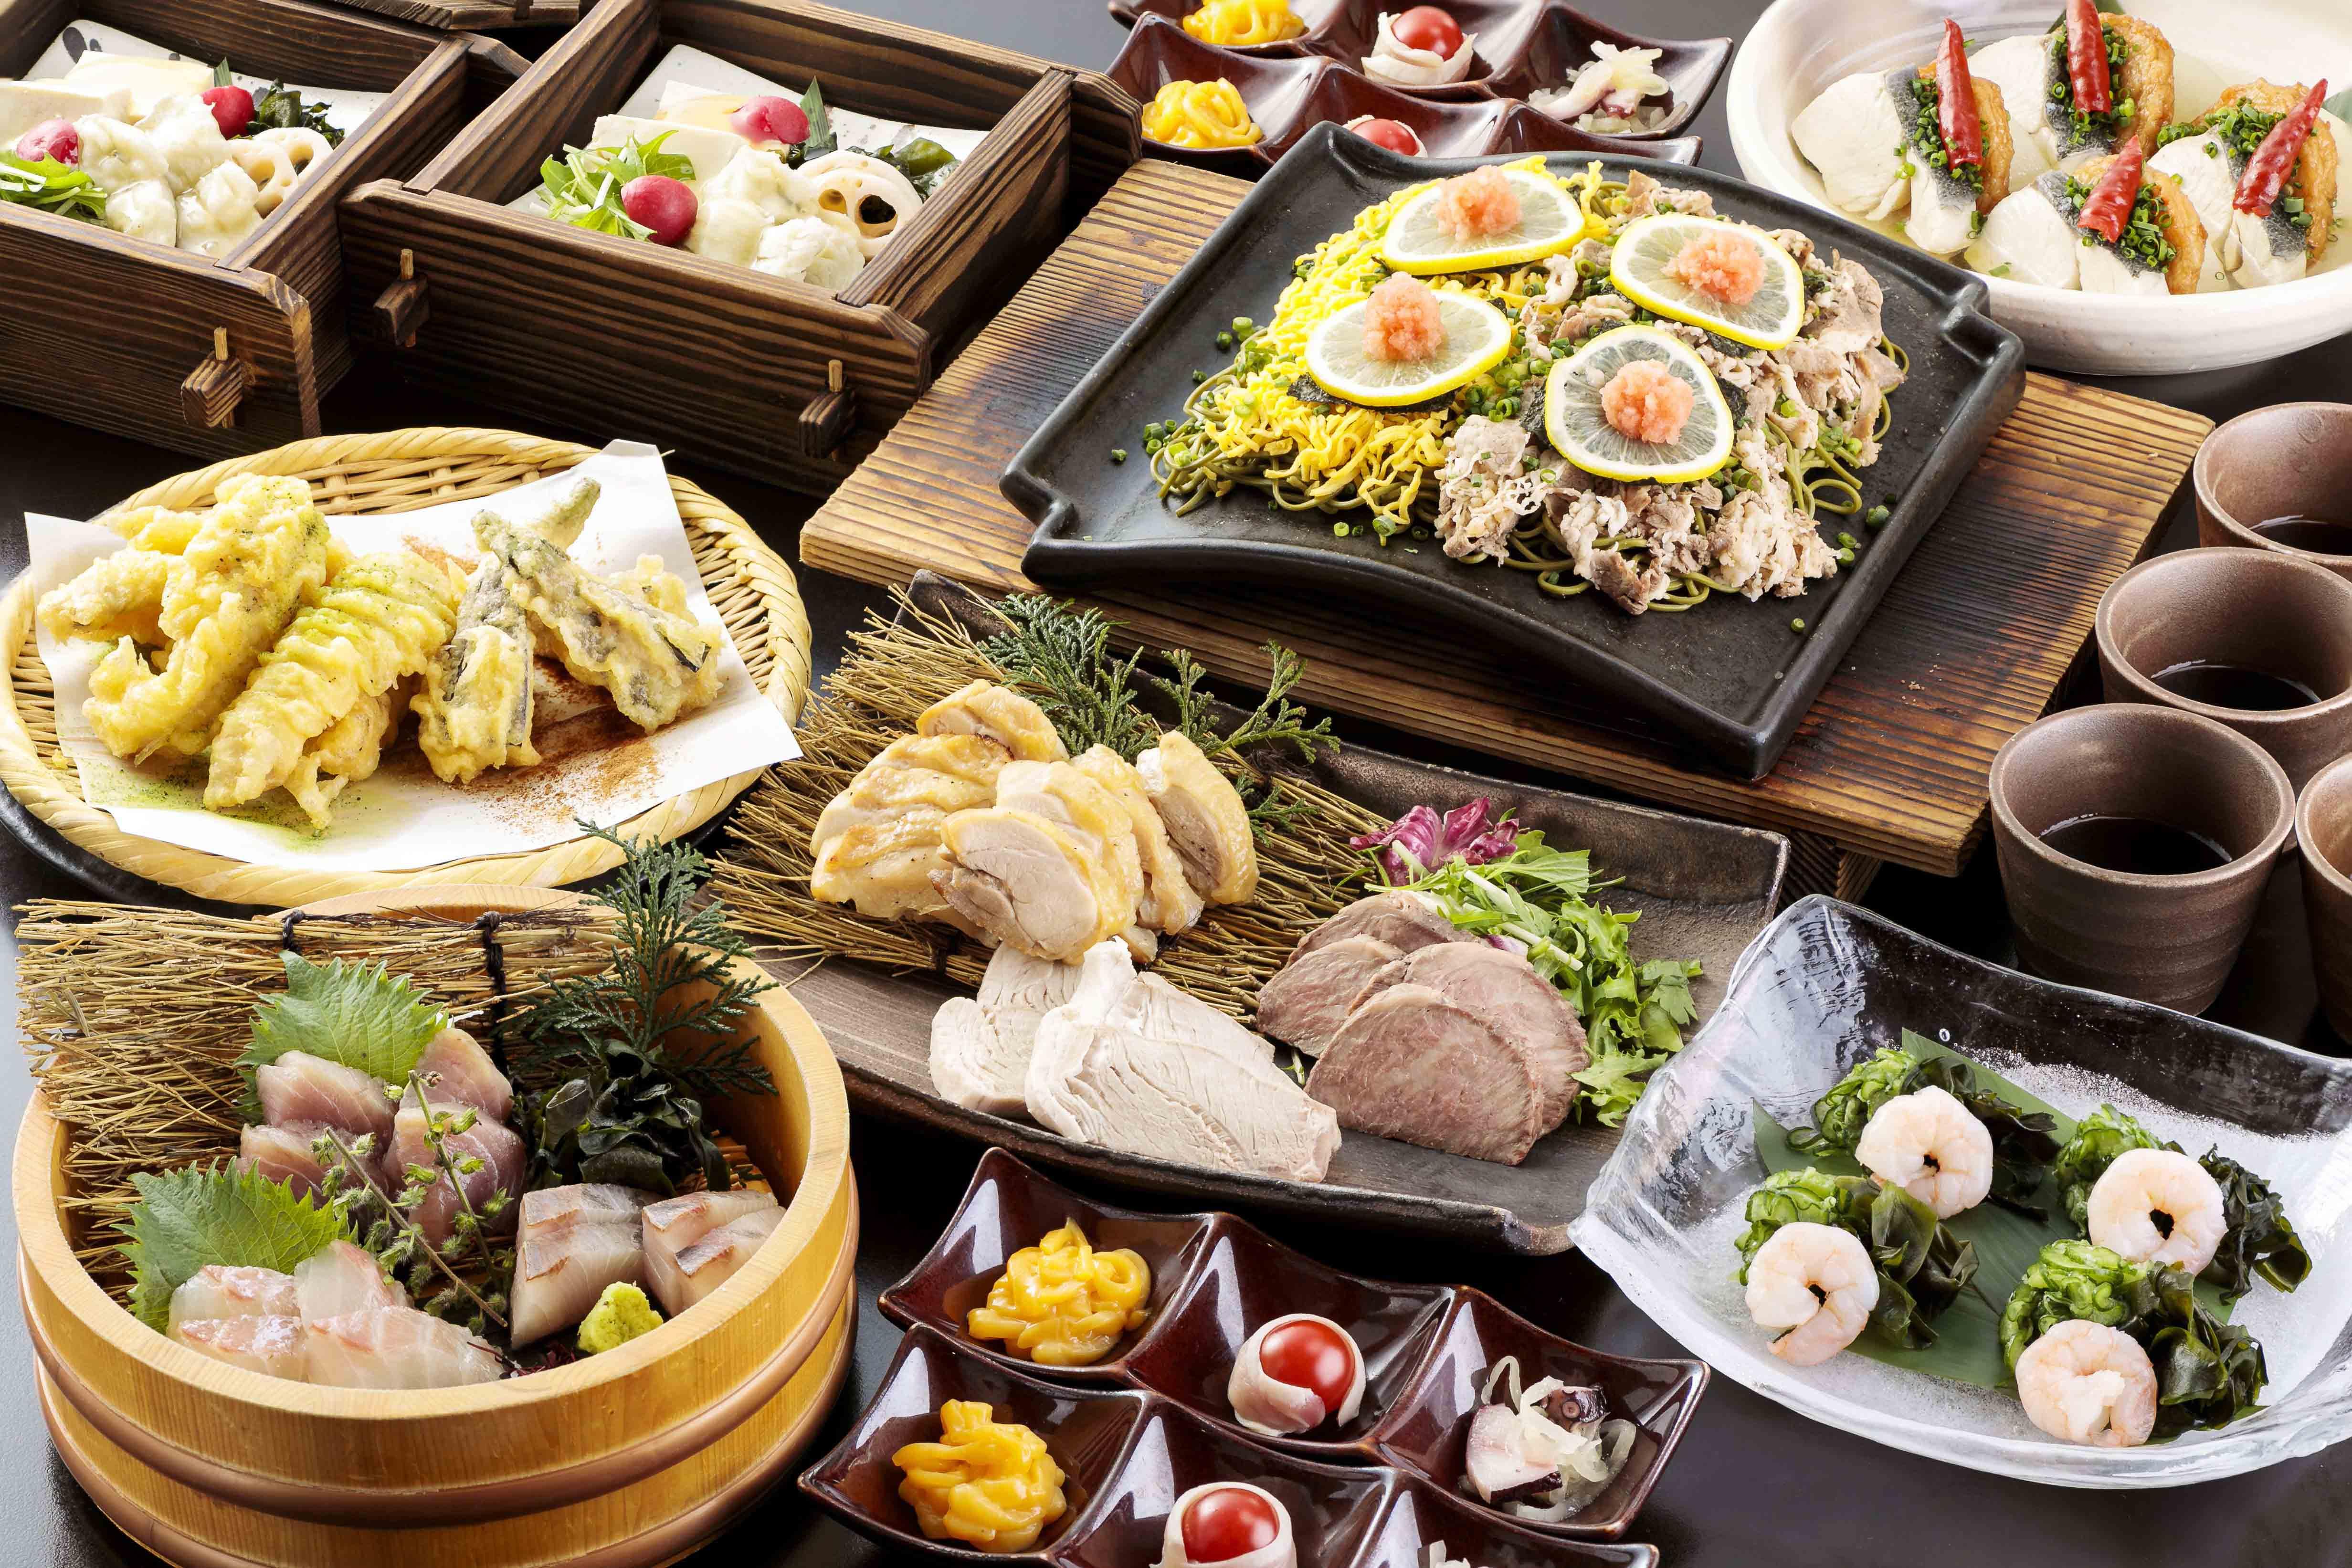 山海の幸と瓦そばの宴 2.5時間飲み放題付 全9品 6,000円(税込)